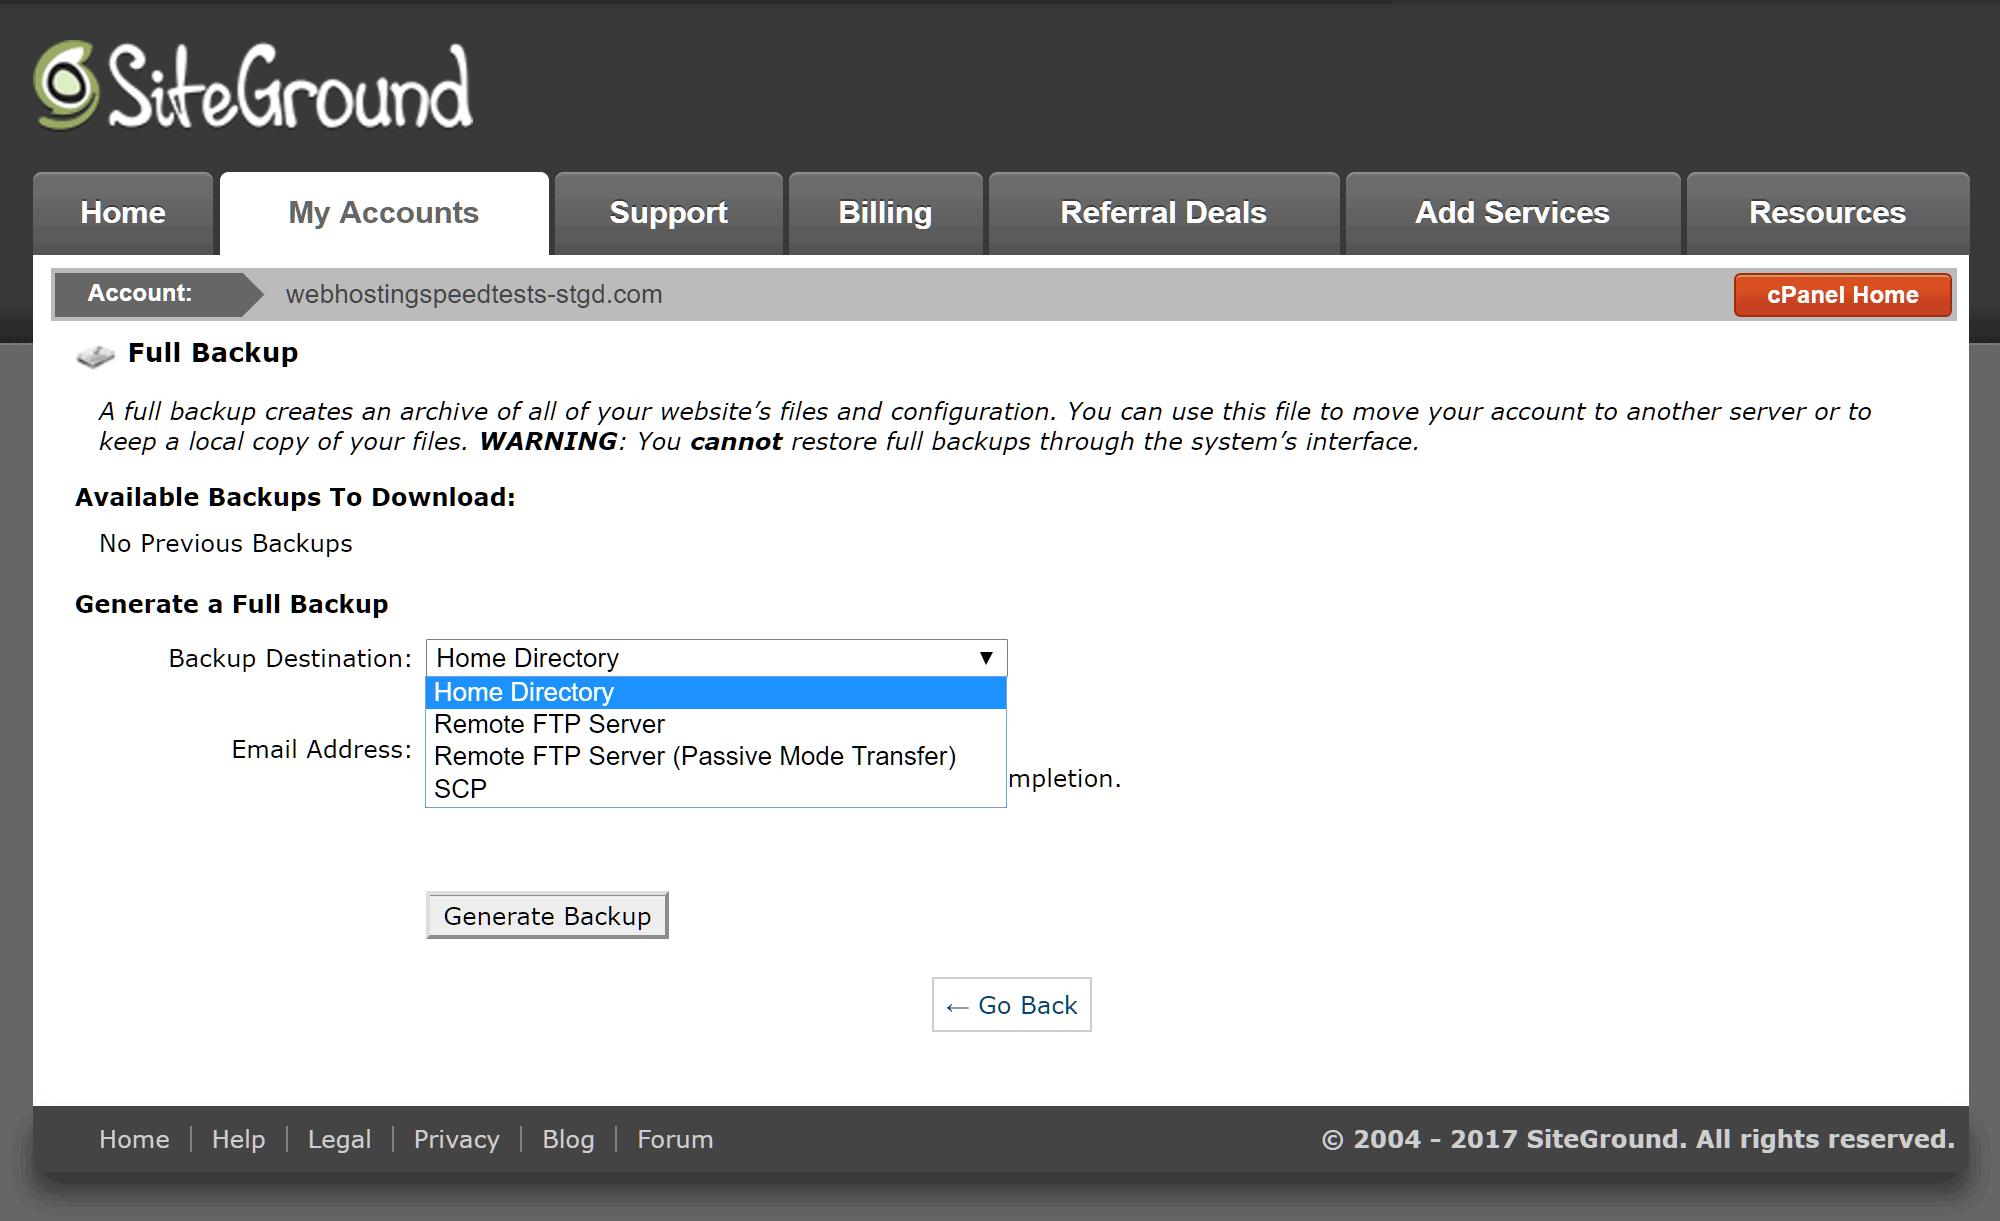 Herramienta de copia de seguridad del sitio web SiteGround